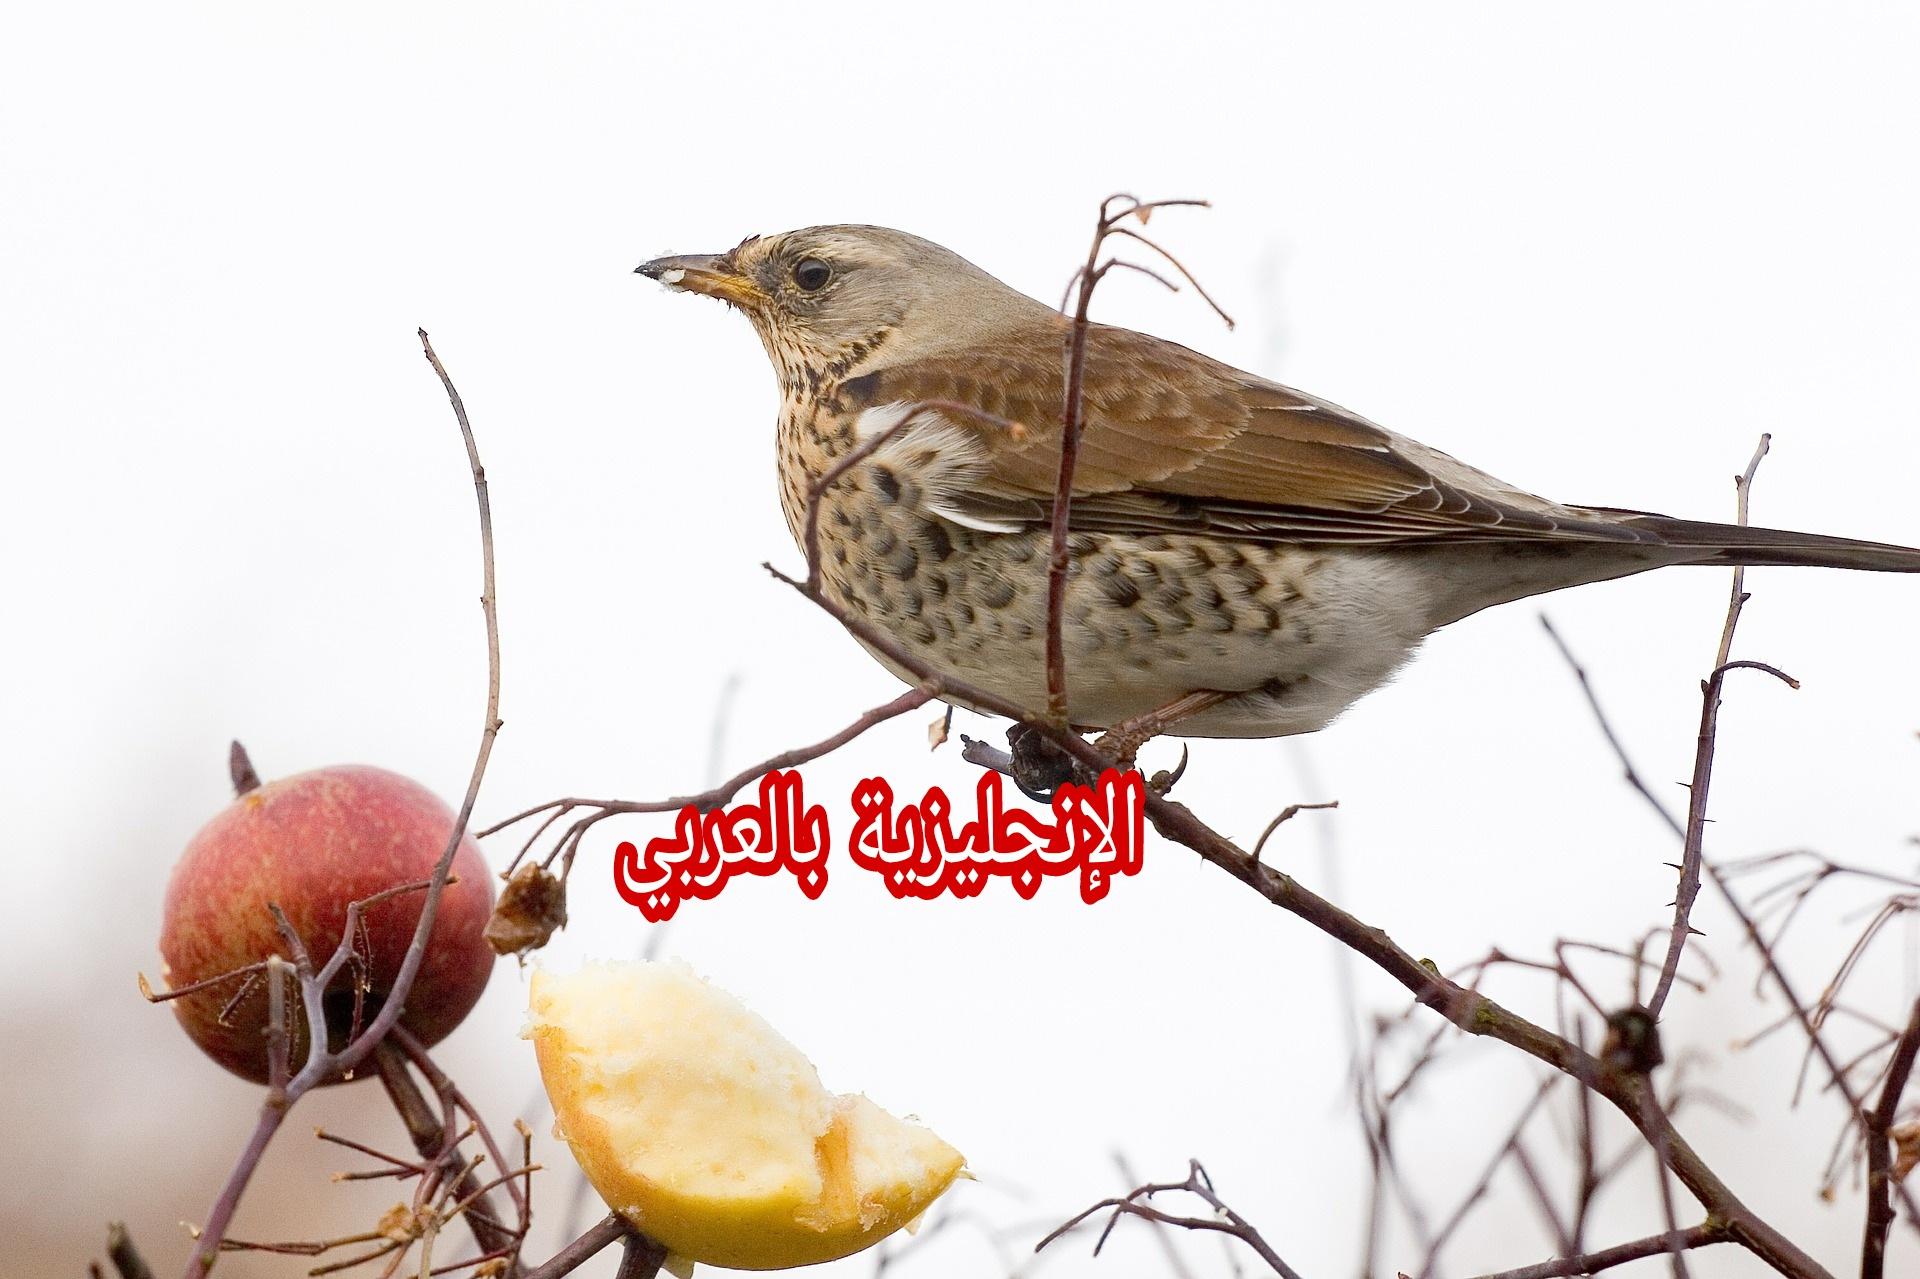 جسم العصافير بالإنجليزية